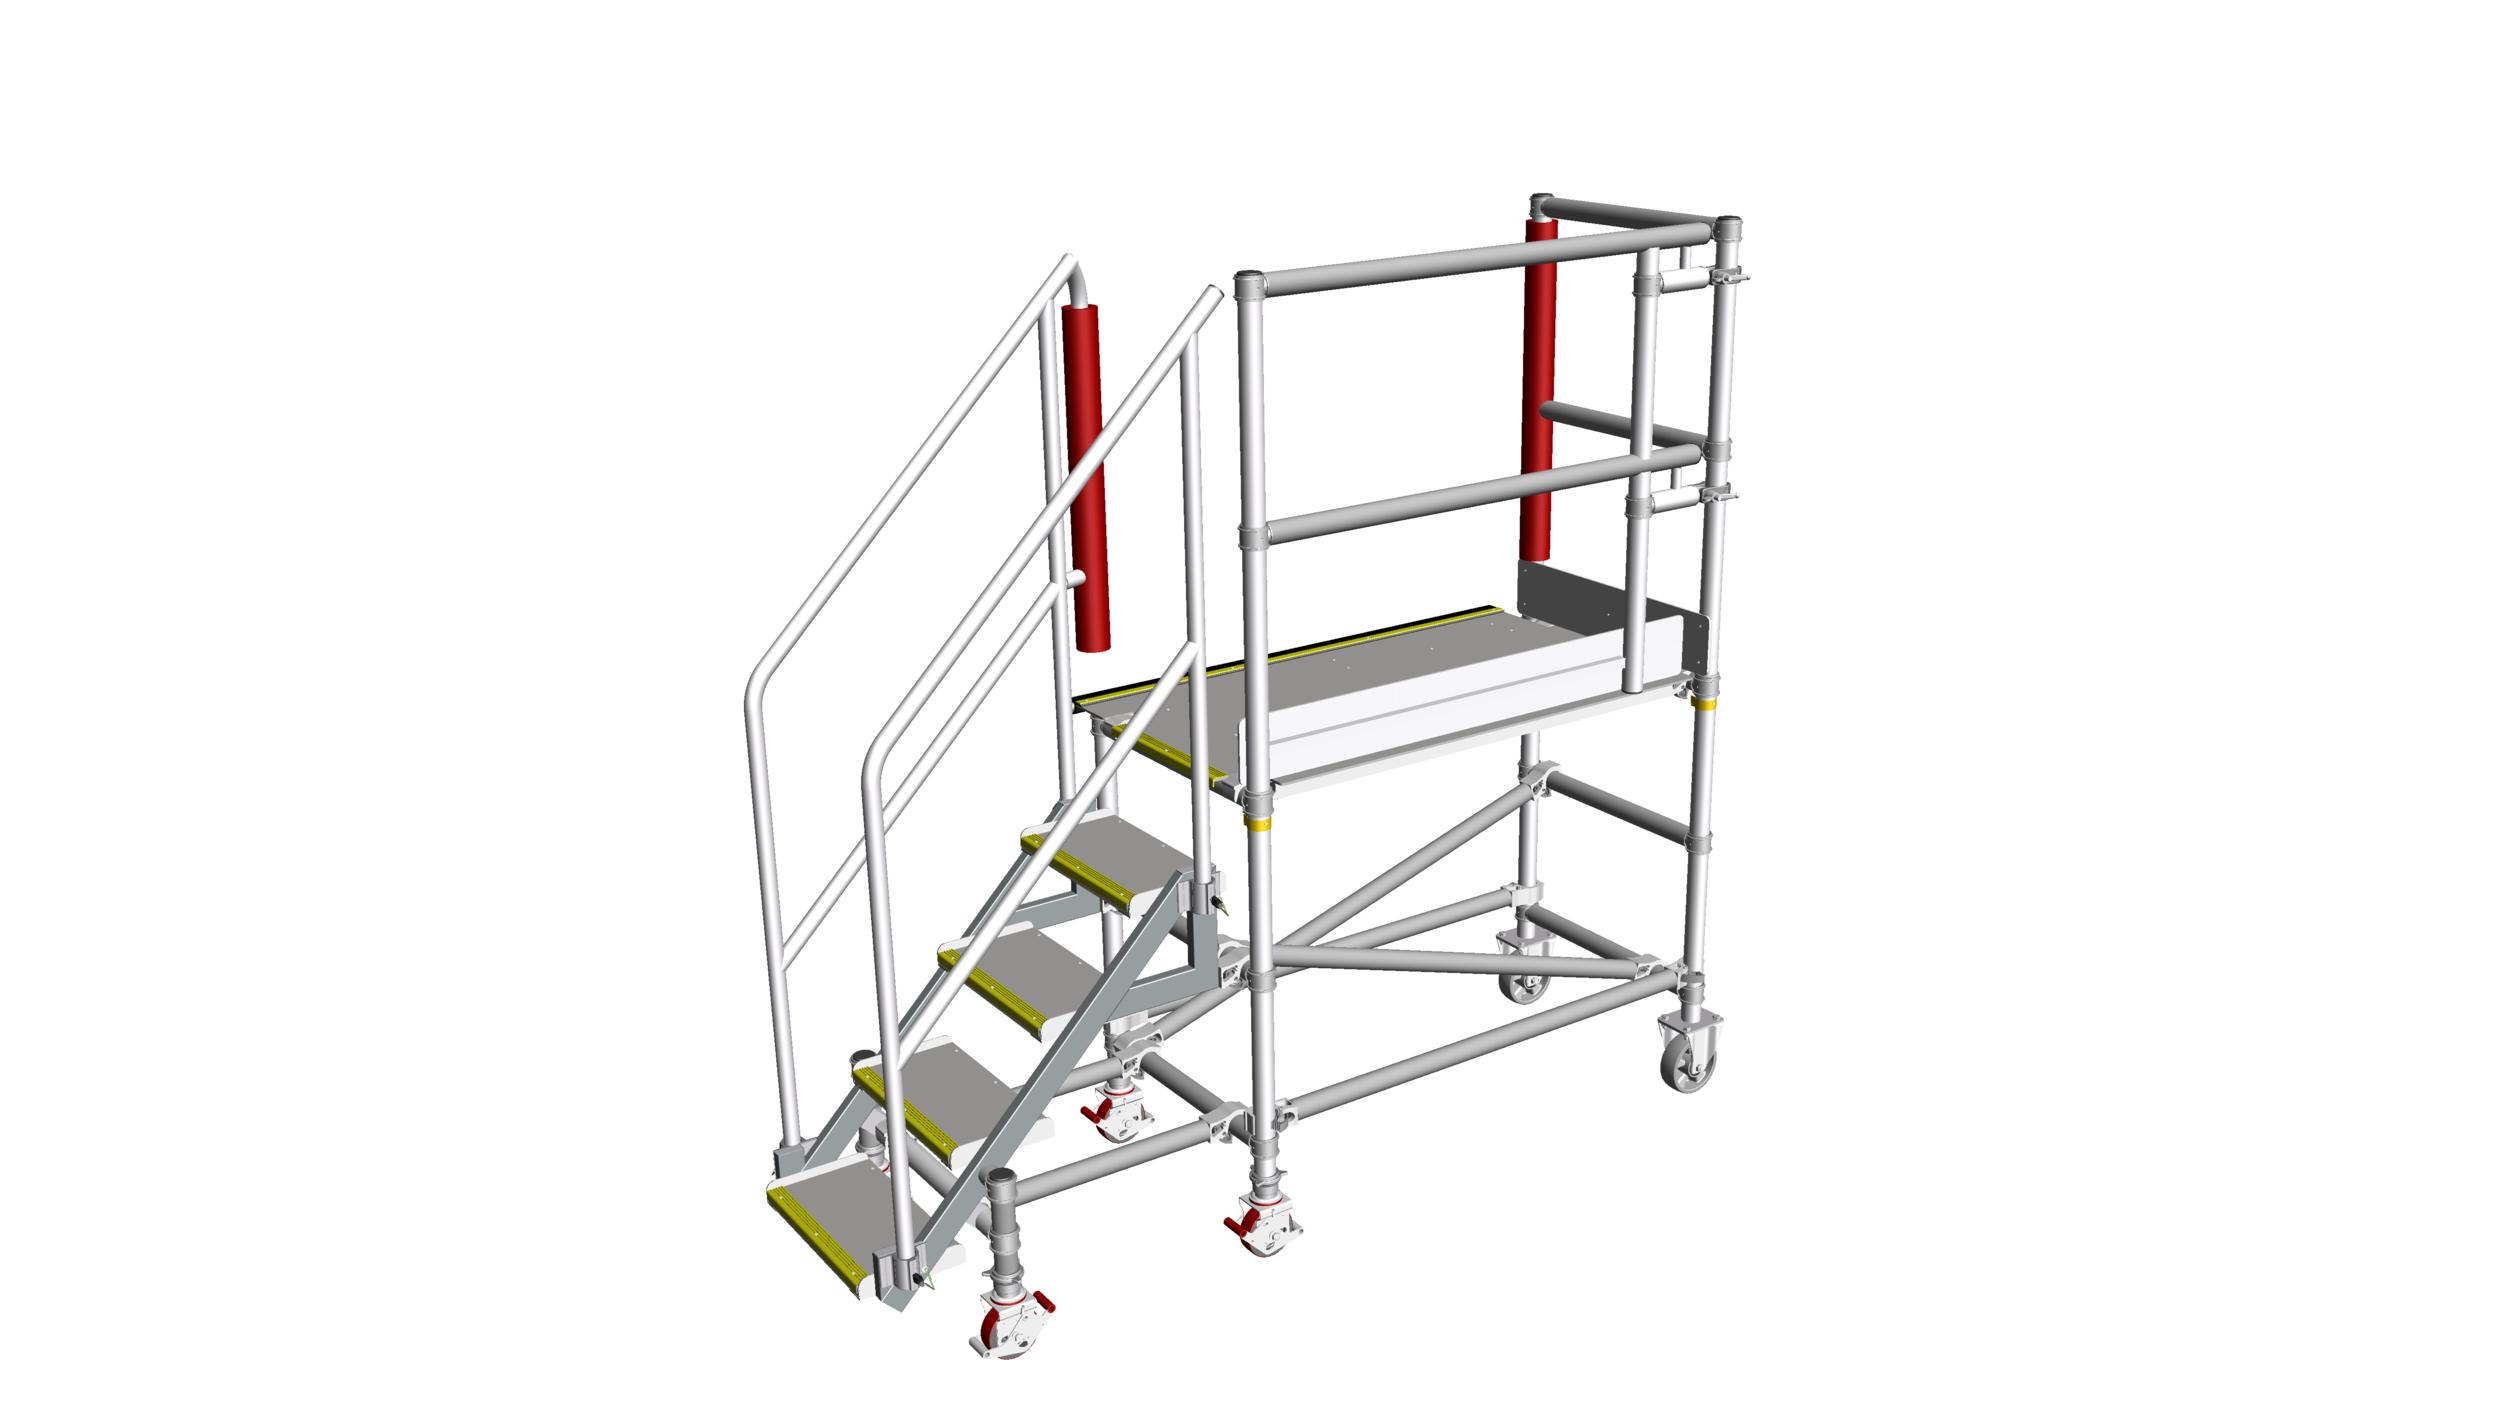 19. Low level platform steps